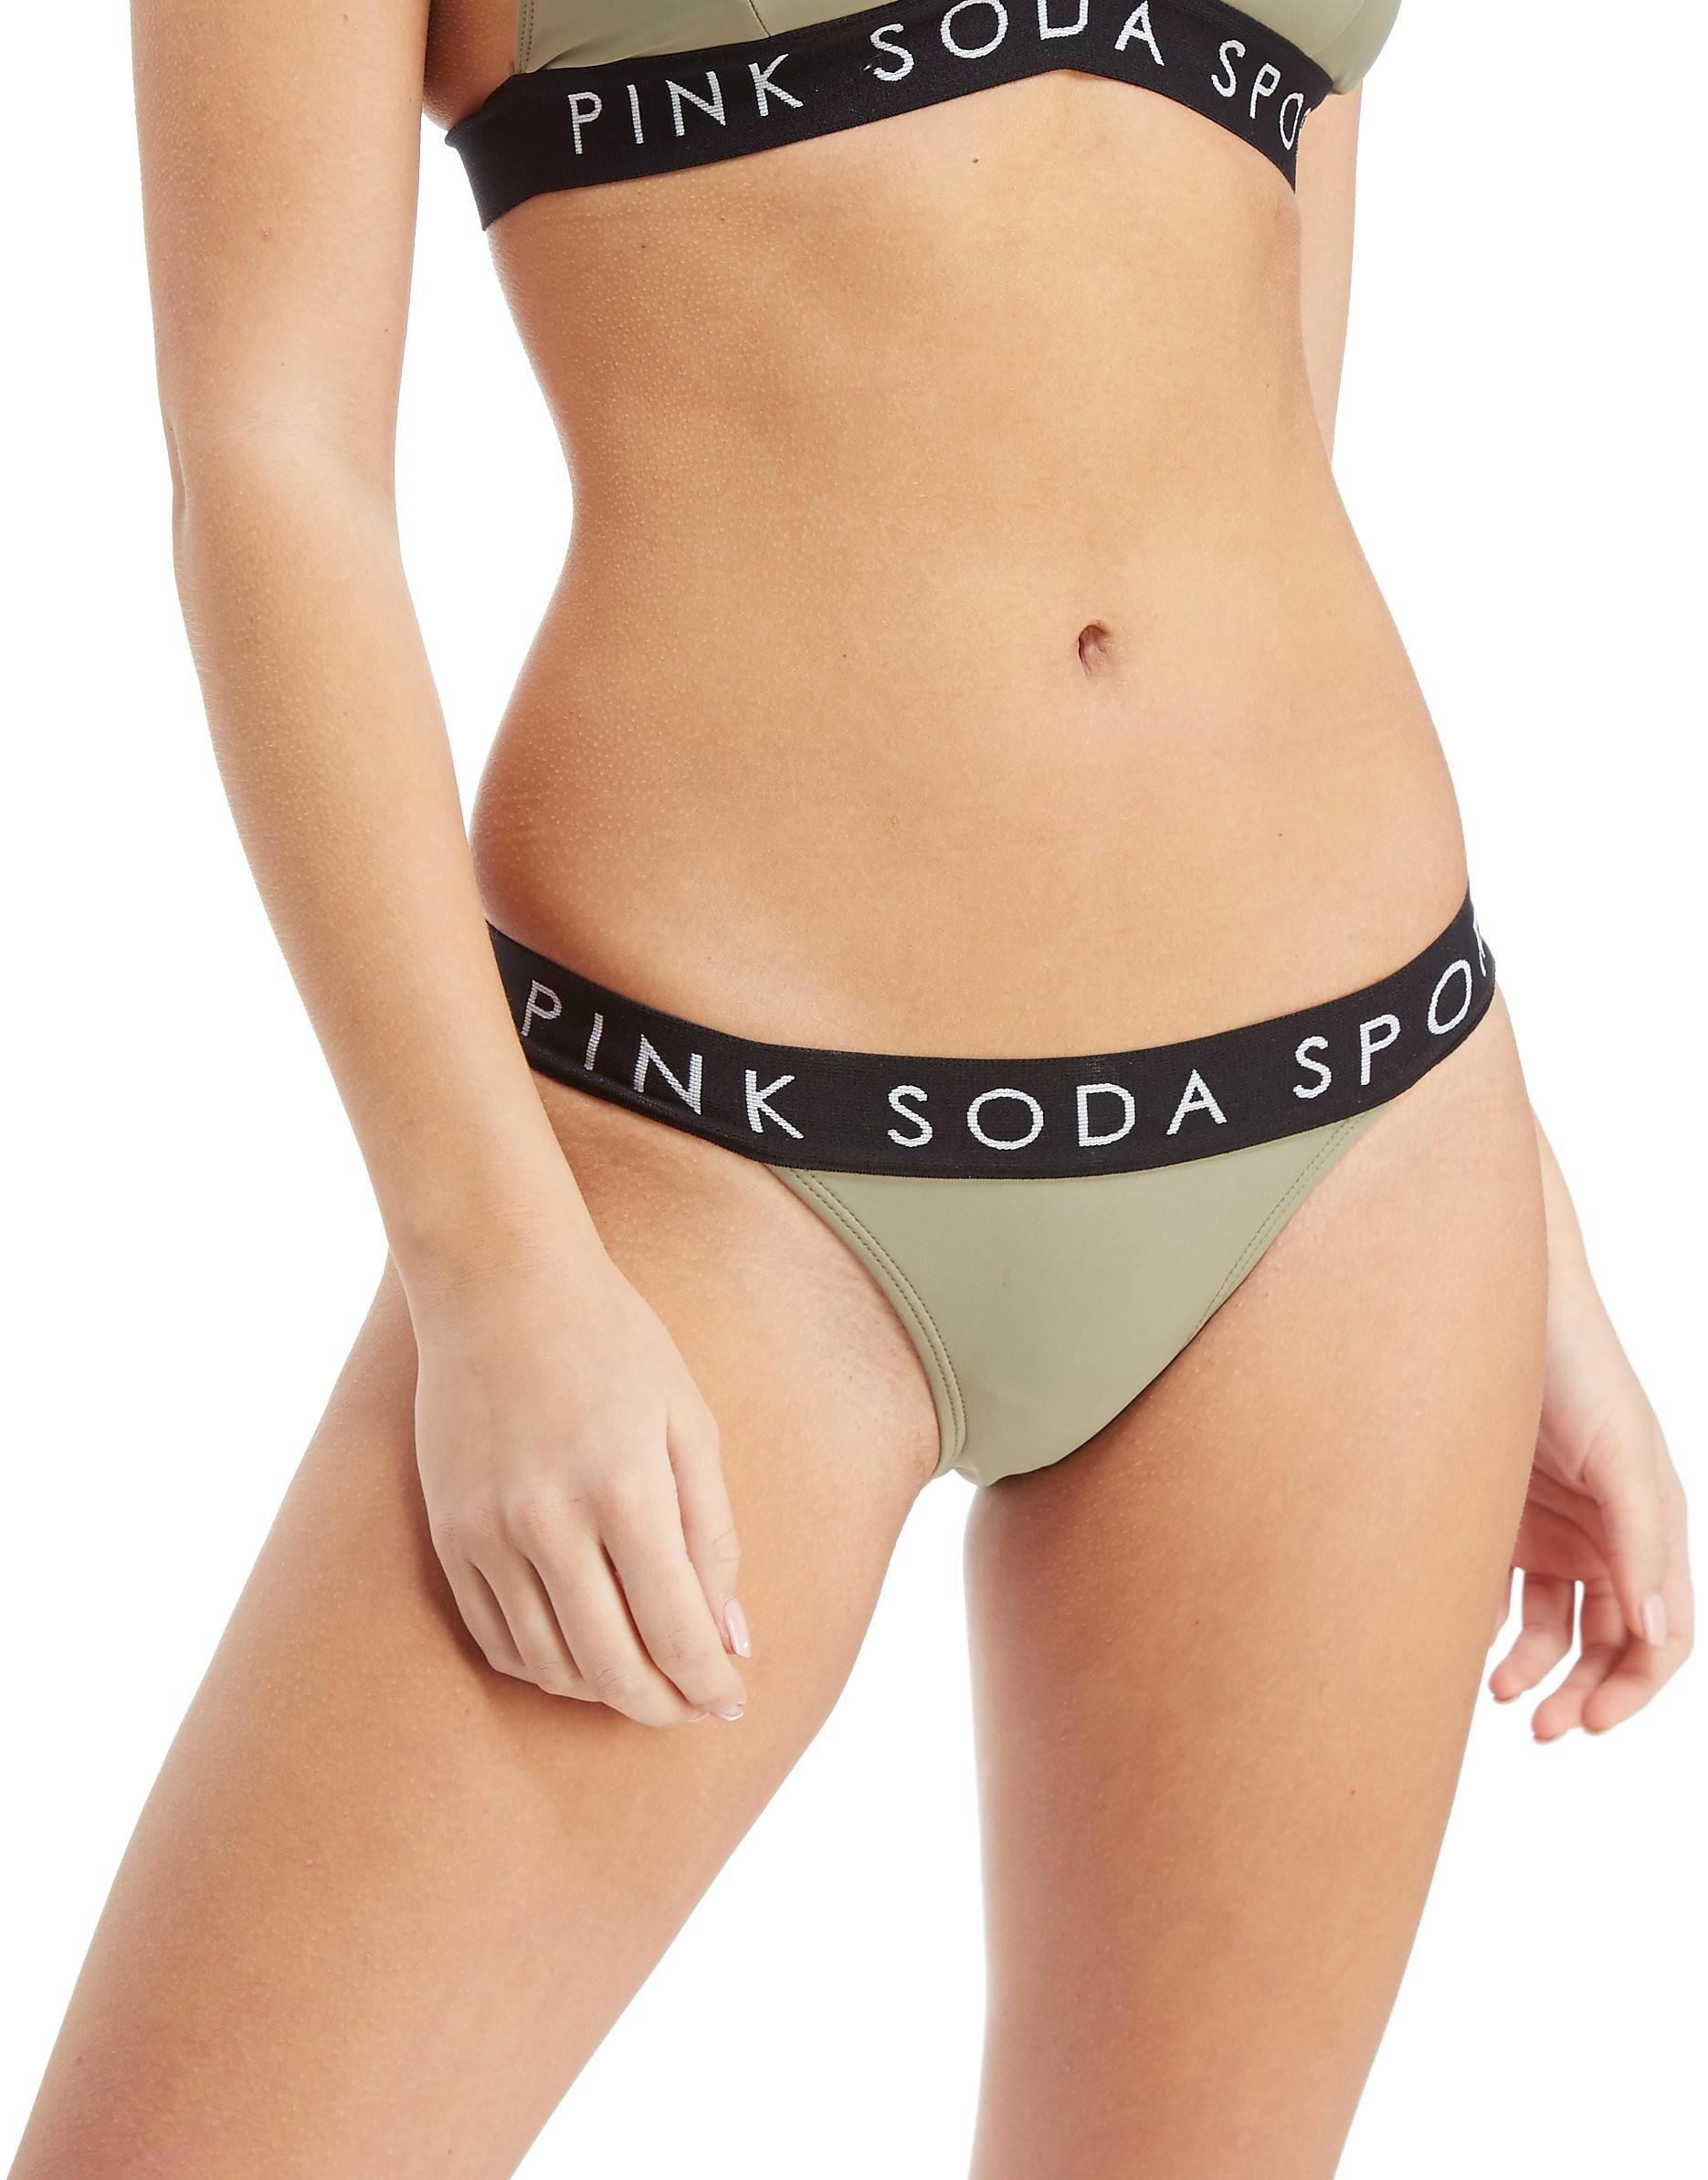 Pink Soda Sport Bikini Bottoms